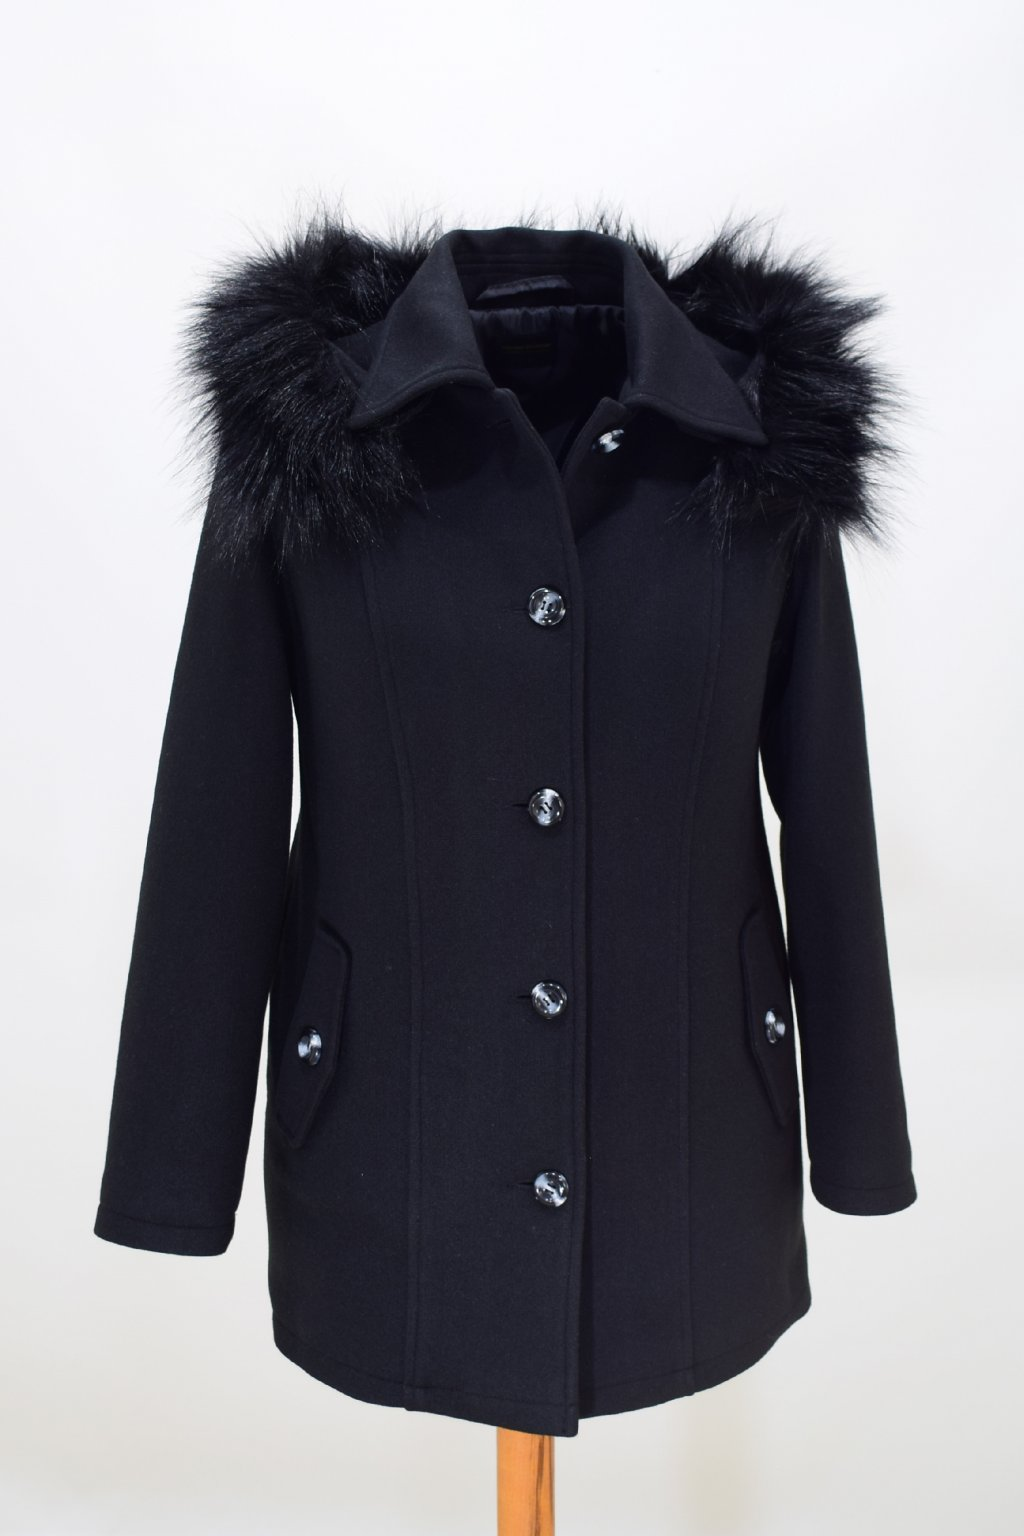 Dámský černý zimní kabát Alice nadměrné velikosti.